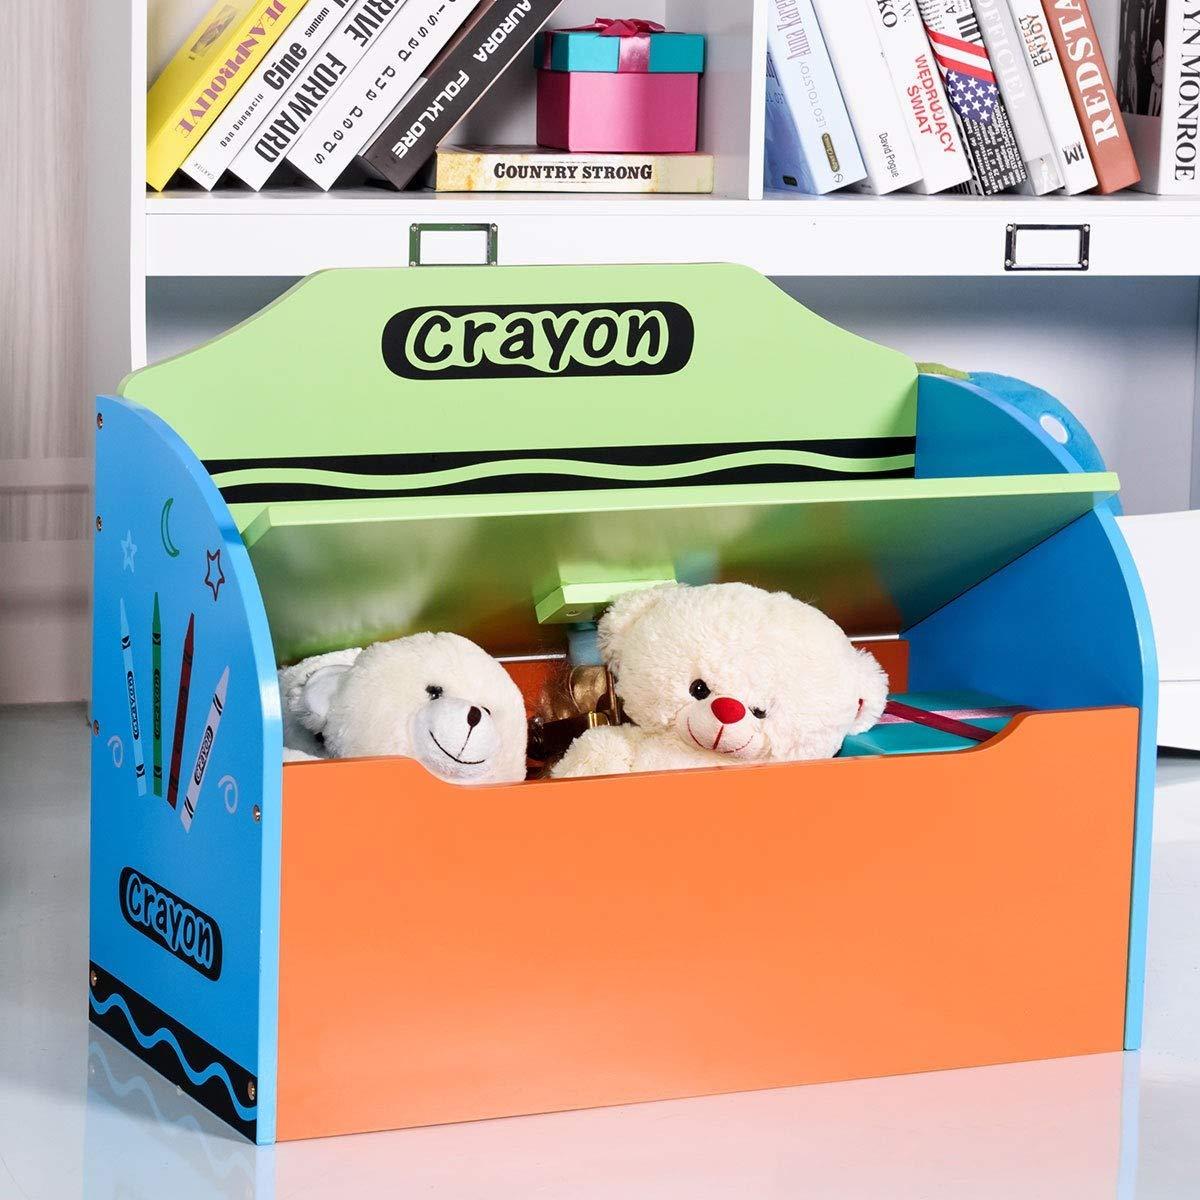 Mandycng Kid Room Toy Open Box Storage Bench Crayon Theme, Kindergarten School Children Toy Game Organizer Box Cabinet, Multi-Color Student Toy Storage Organizer